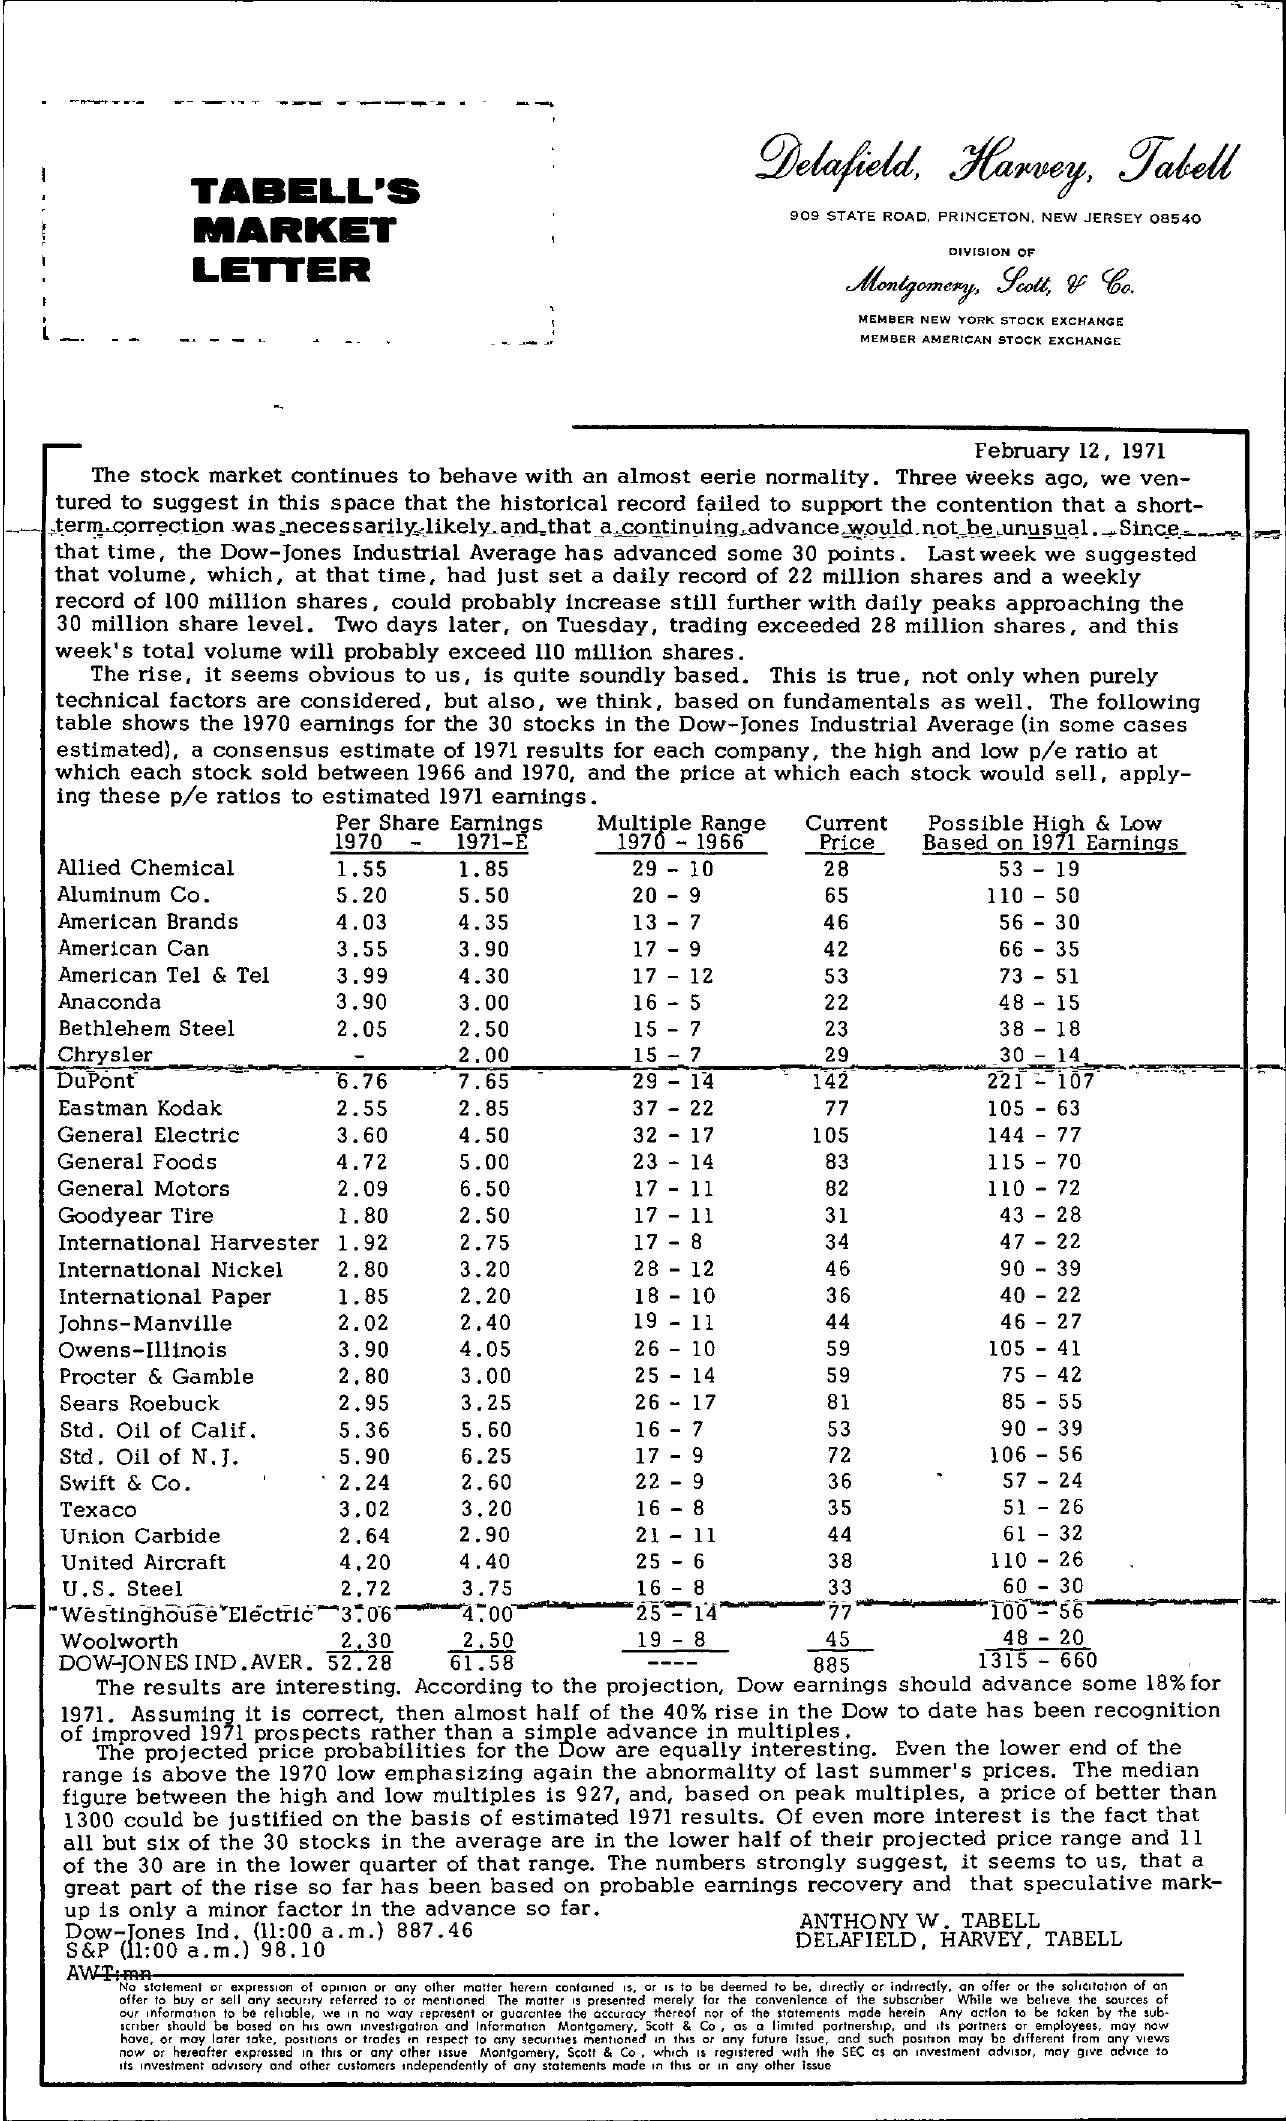 Tabell's Market Letter - February 12, 1971